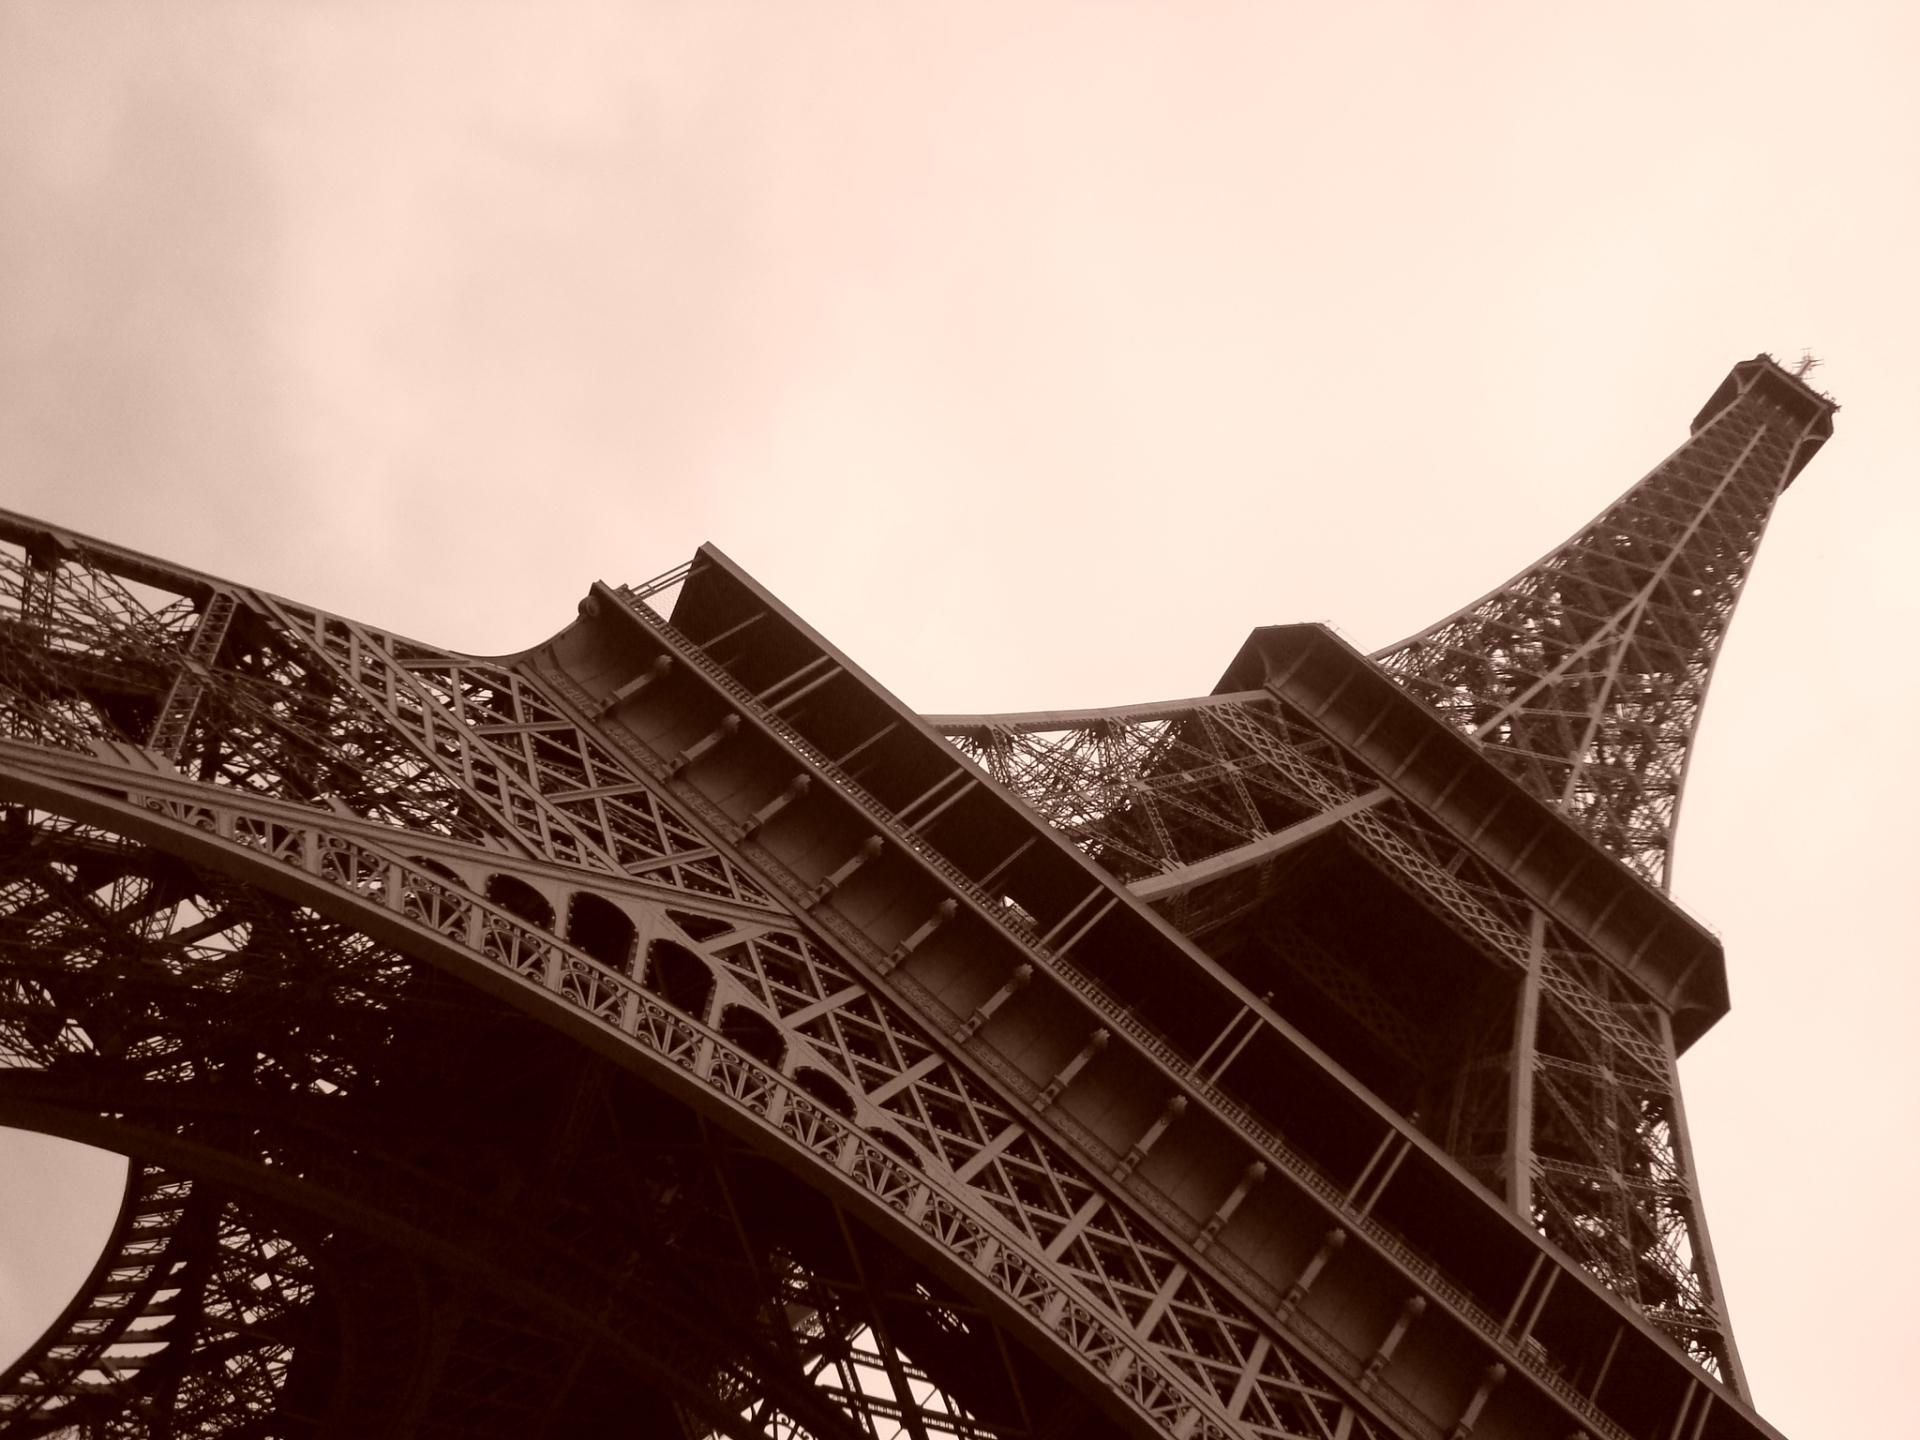 Mi foto artística, tomada desde la cola de acceso (interminable, ir con paciencia)